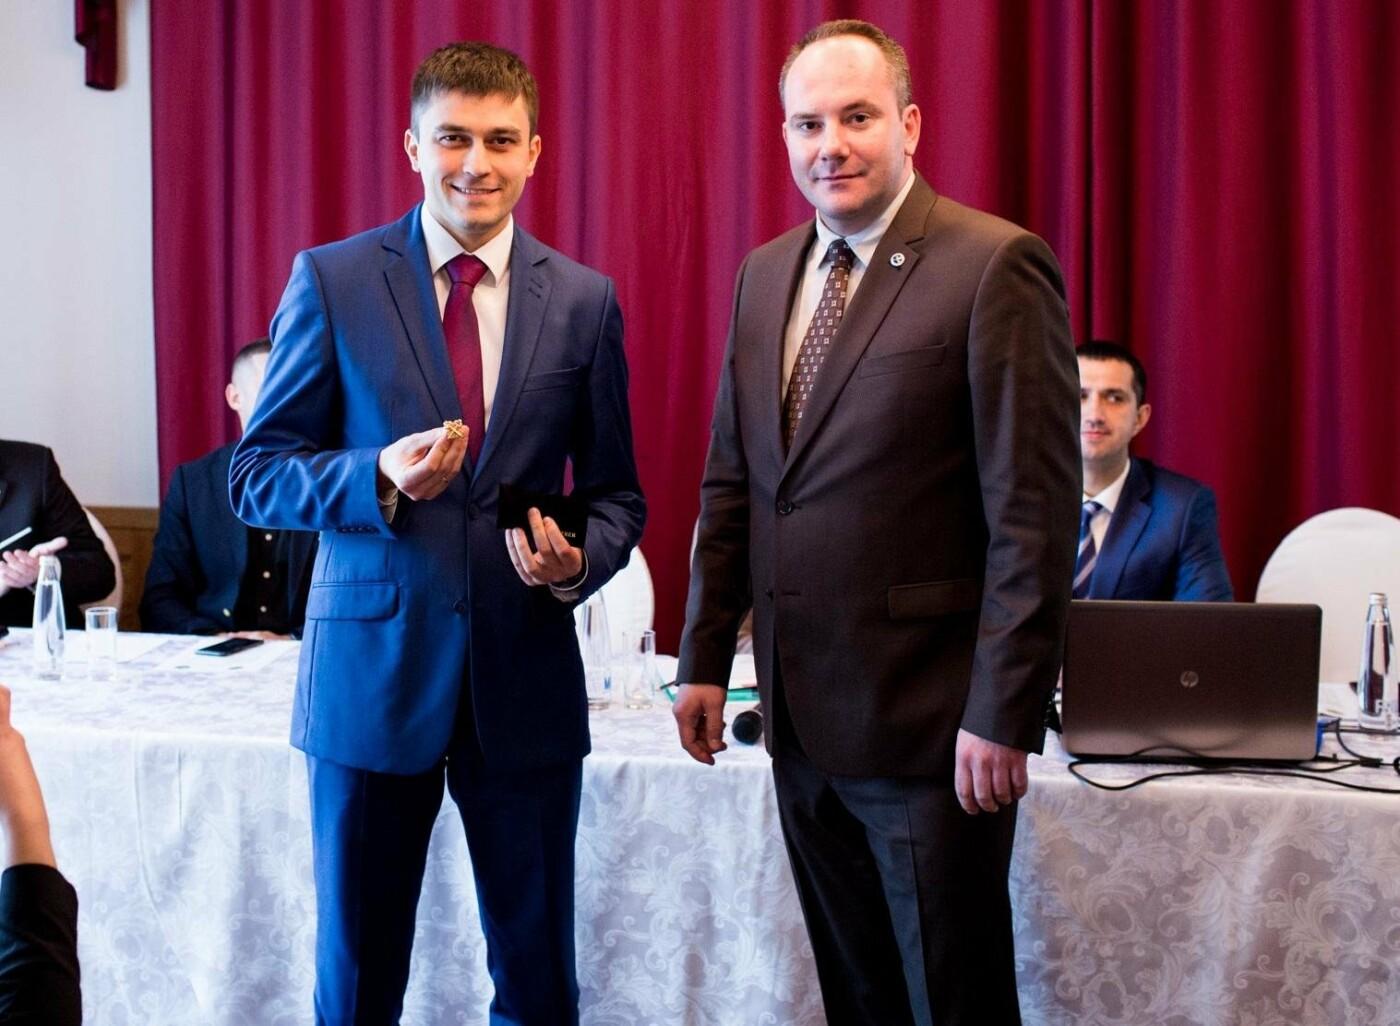 Консьерж из Ялты стал членом международной ассоциации «Золотые ключи консьержей», фото-1